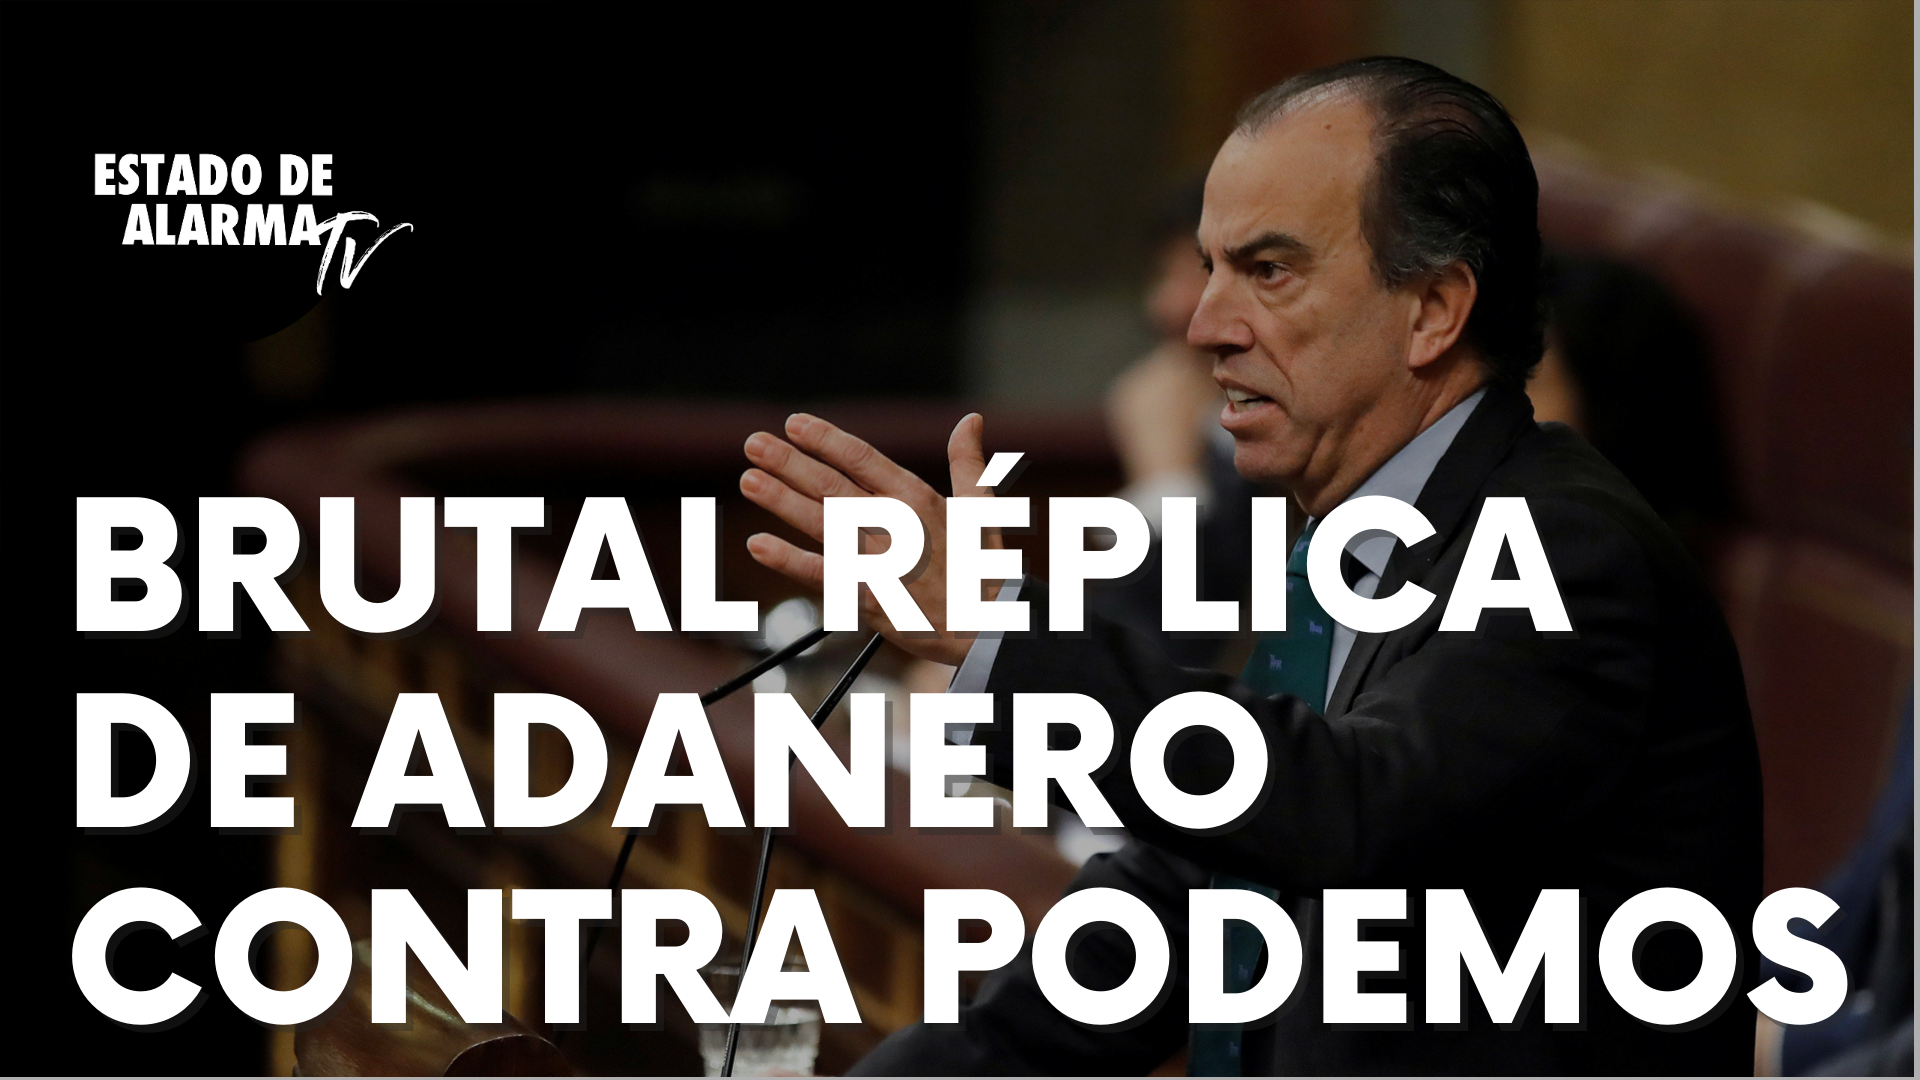 Brutal réplica de Carlos García Adanero contra Podemos por justificar la violencia